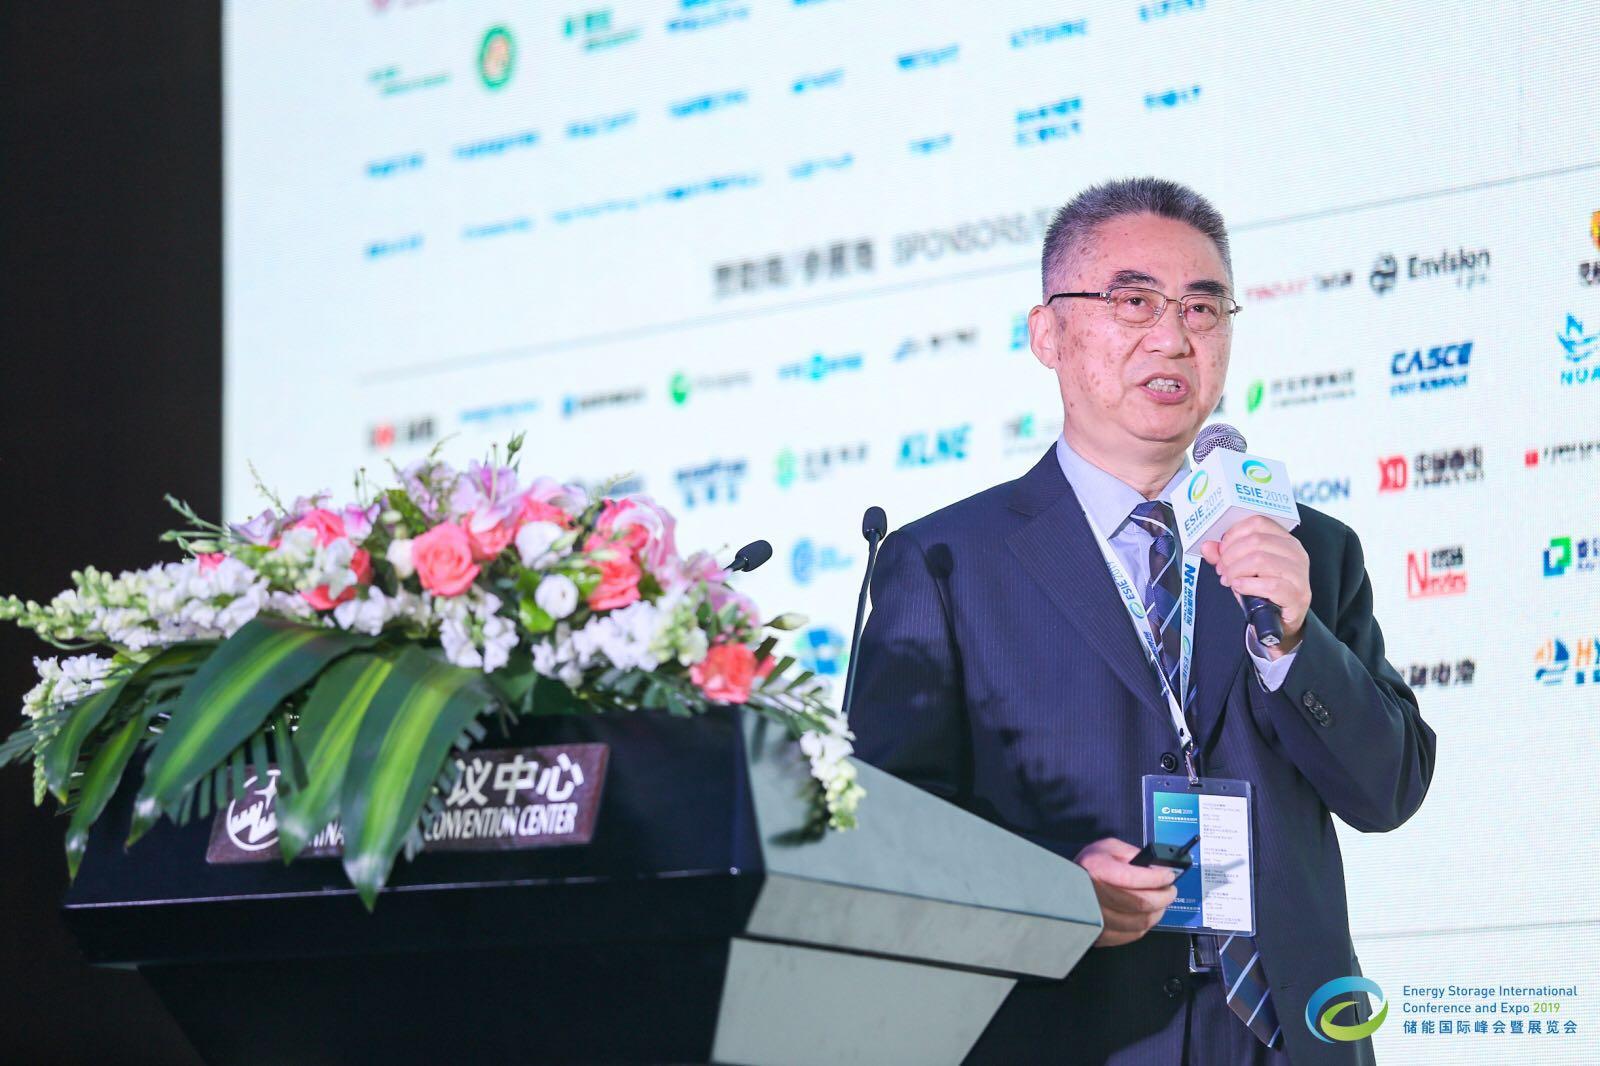 Tsinghua University Department of Electrical Engineering professor Xia Qing Speaks at ESIE 2019